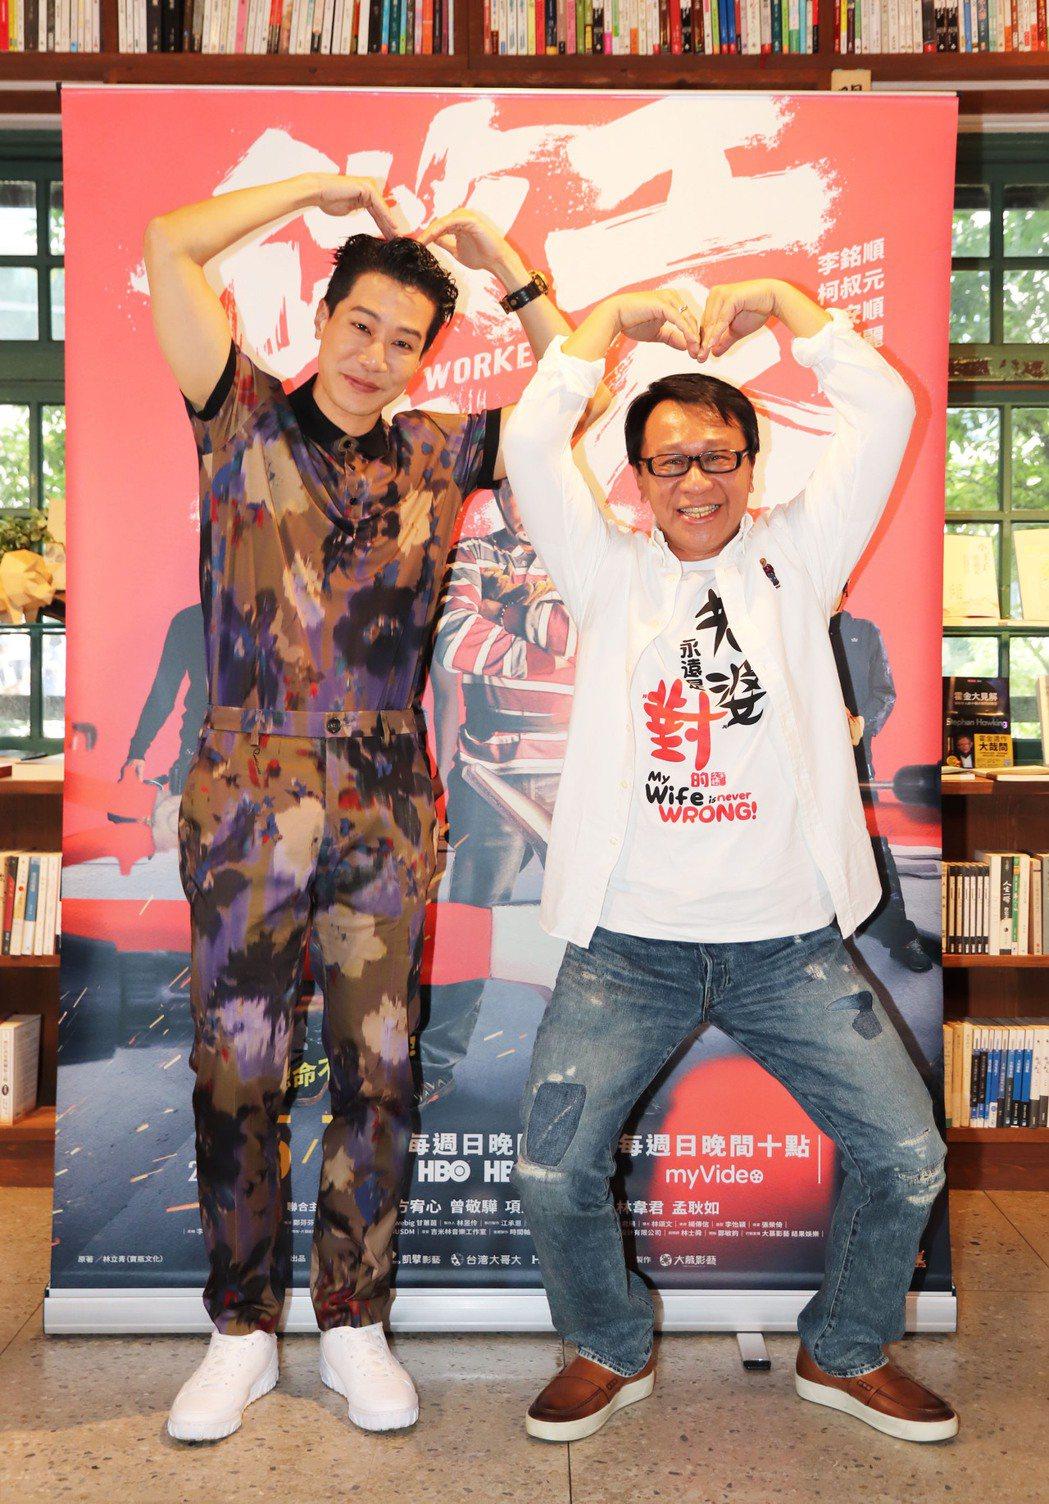 游安順(右)、薛仕凌出席影集「做工的人」宣傳活動。圖/大慕影藝提供